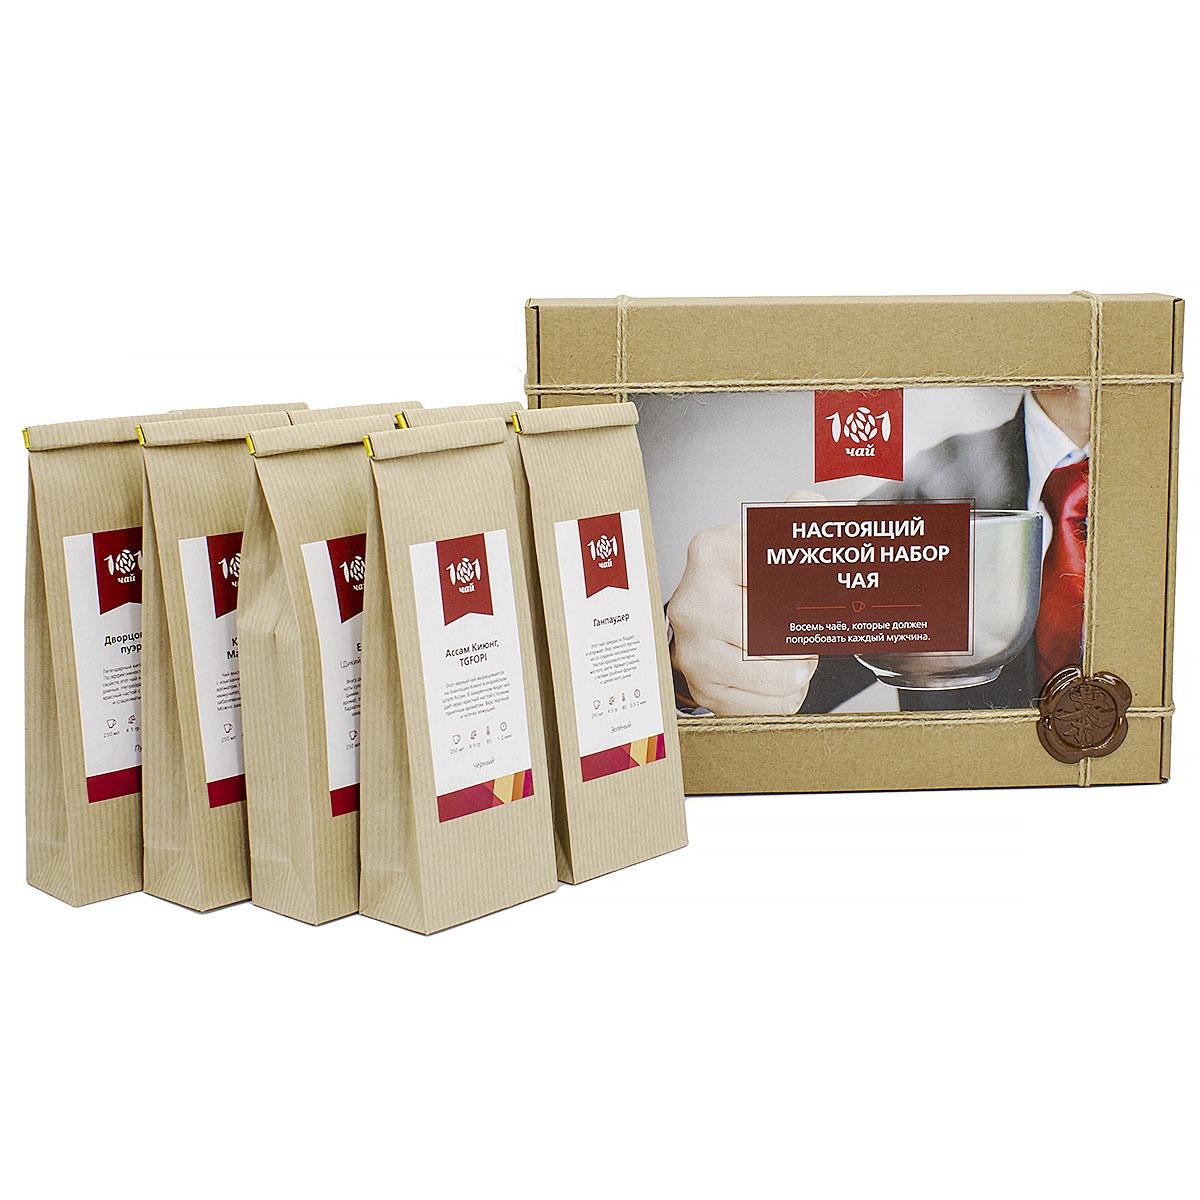 Чай листовой 101 чай Мужской набор